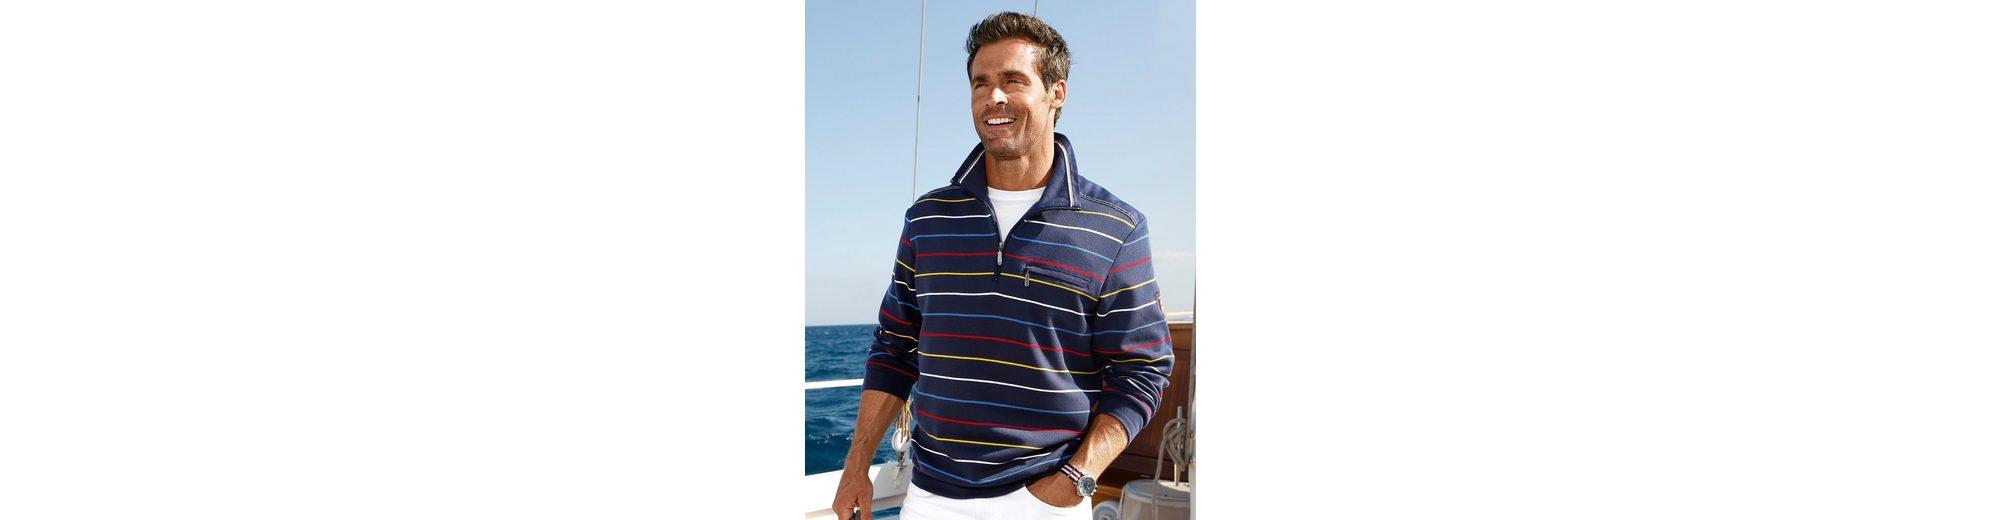 Roger Kent Sweatshirt mit Besätzen in Web-Qualität Verkauf Billigsten dYMy9u8